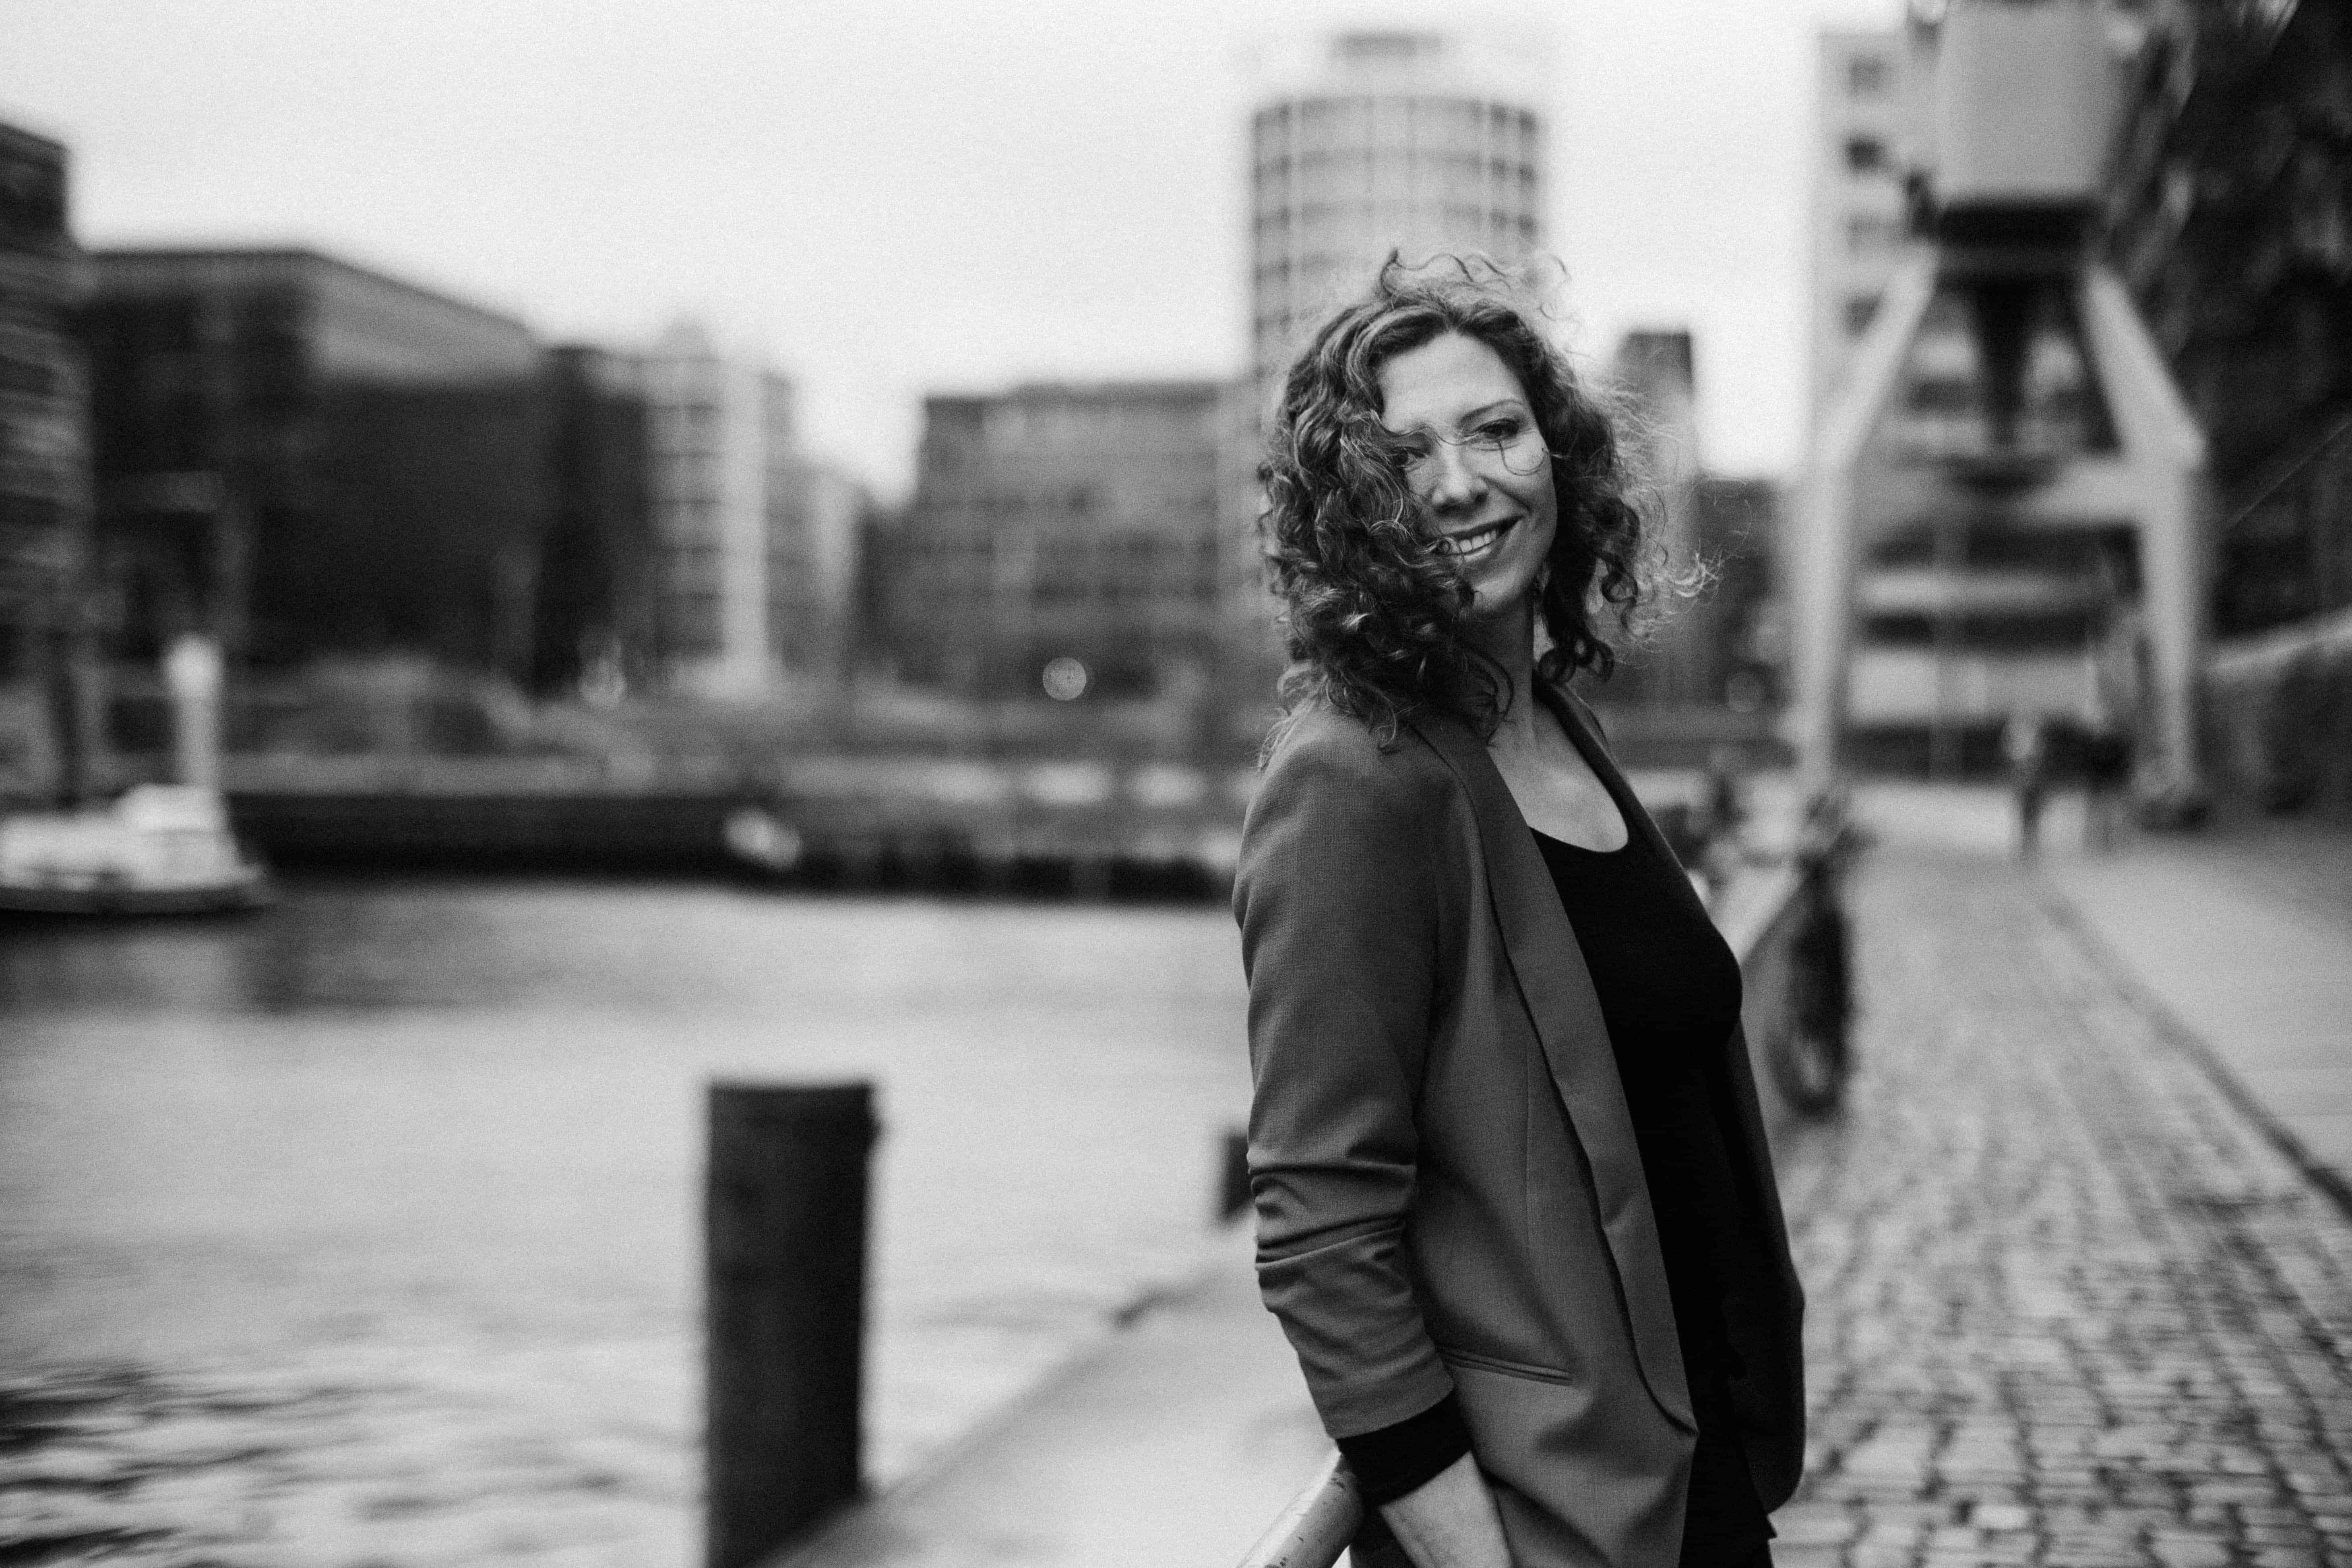 eine Frau steht im Hafen von Hamburg, sie steht seitlich zu dem Kanal, ihre Hände hält sie in den Hosentaschen, im Hintergrund ist die Stadt Hamburg zu sehen